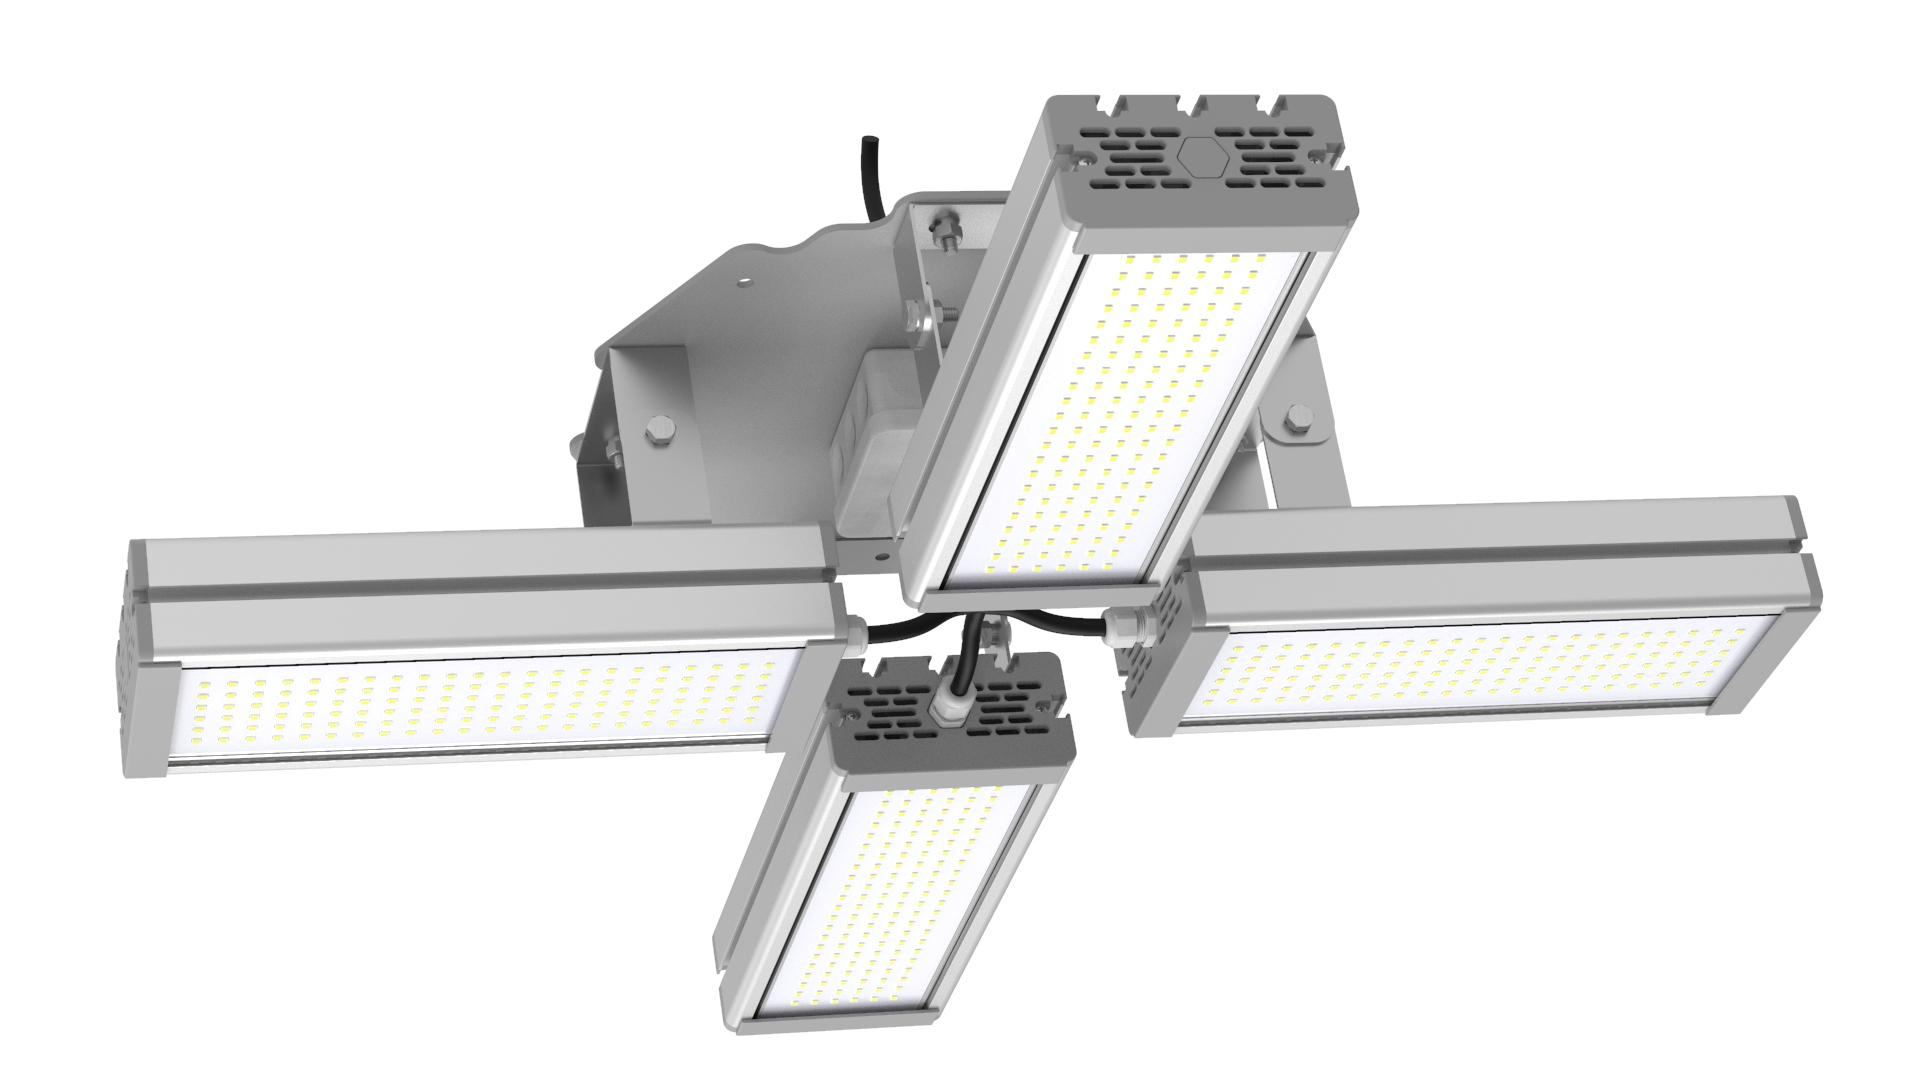 Светильник подвесной Ромашка High-Bay SVT-P-FLOWER-192Вт (с защитой от 380В, трос, 48x4)